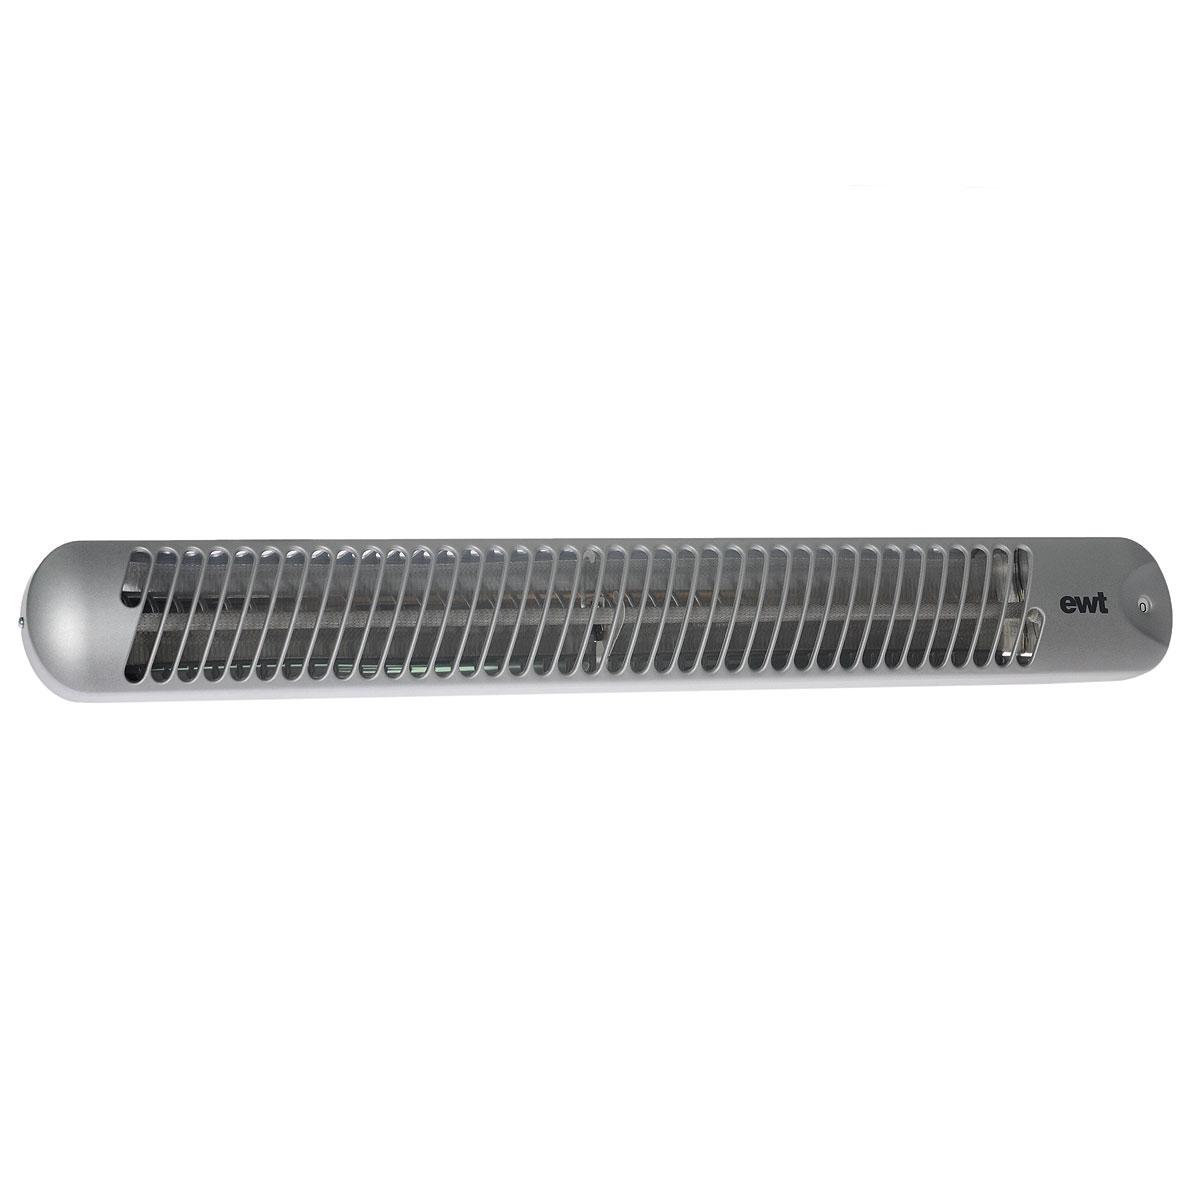 EWT Strato IR 106 S Baby кварцевый обогревательStrato IR 106 S BabyОбогреватель EWT Strato IR 106 S Baby согревает сразу все поверхности – мебель, полы, стены. То есть греется не воздух, а все что находится в помещении. Благодаря этому нет движения воздуха – вы можете не опасаться сквозняков и разлетающейся пыли. Поскольку сам воздух не греется, не происходит сжигания кислорода и снижения уровня влажности. В комплект входят крепежные детали.